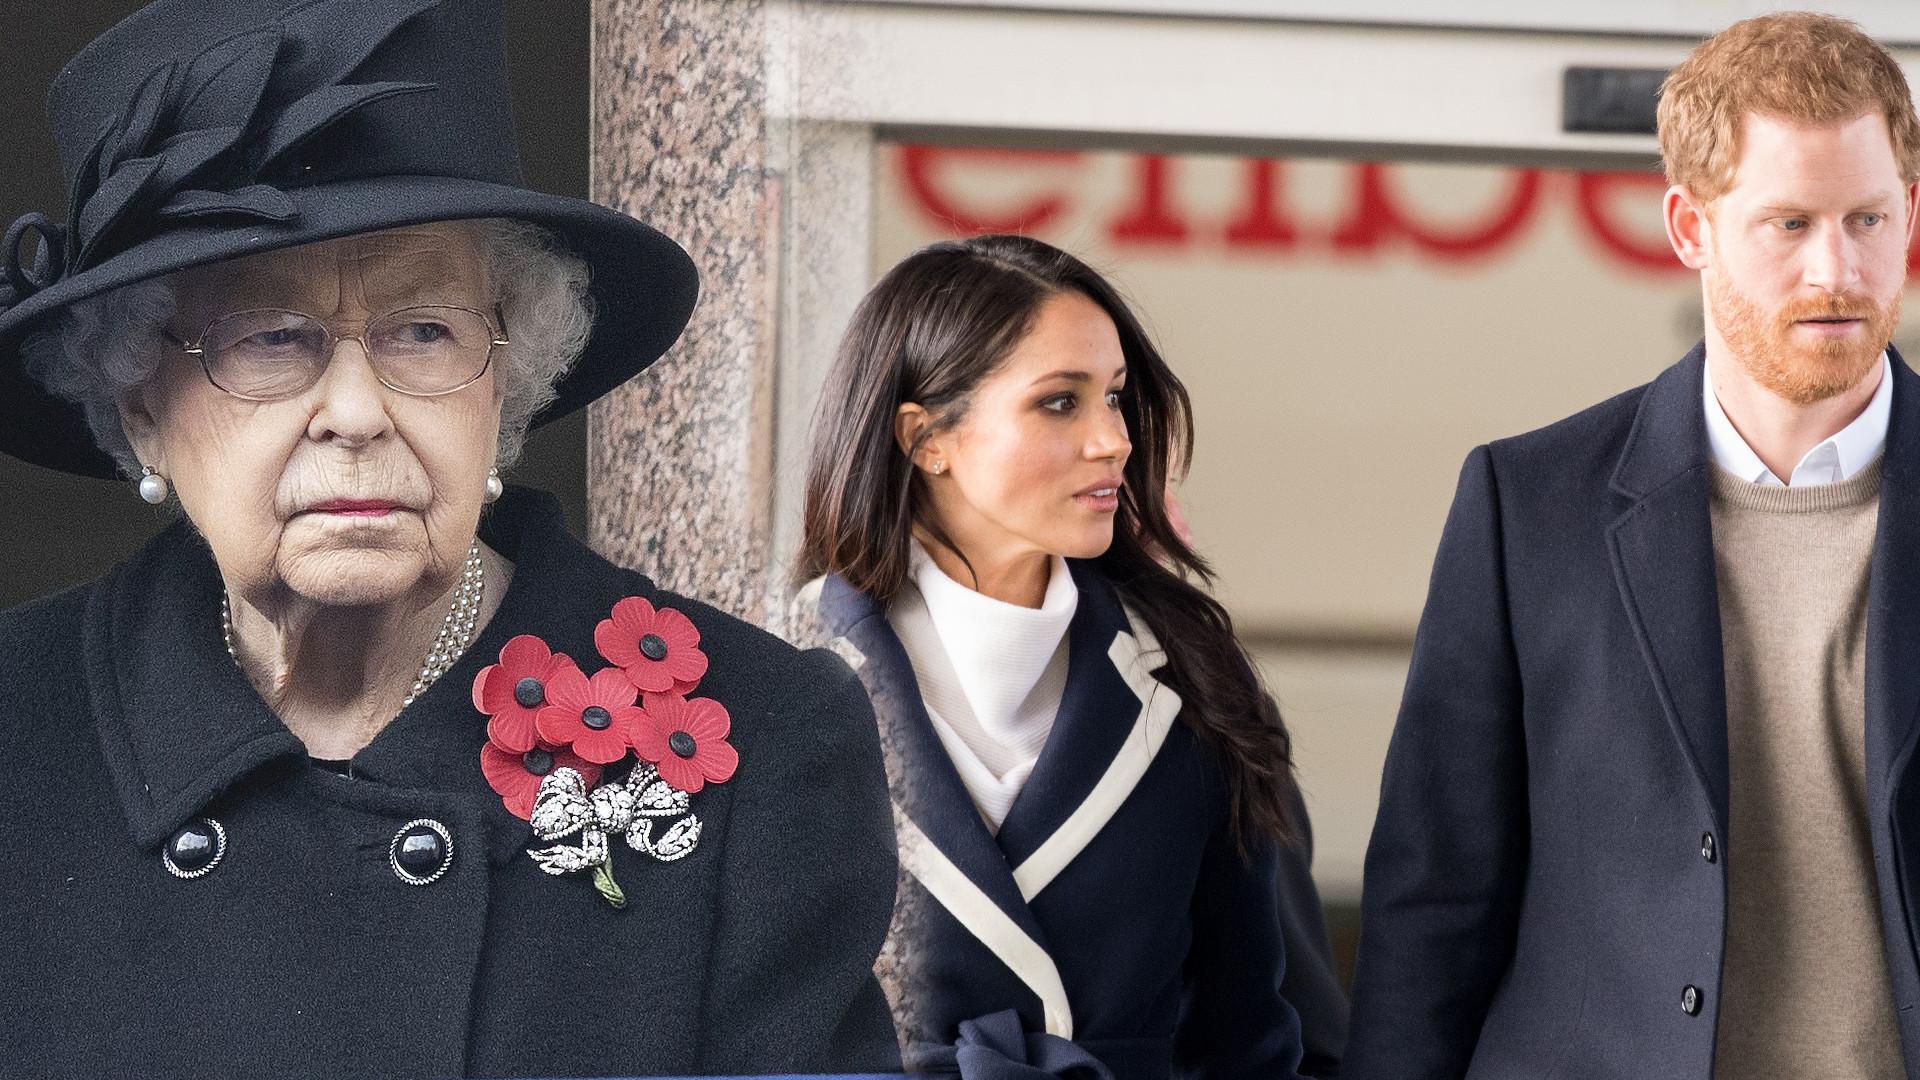 Królowa Elżbieta jest ZAŁAMANA nadchodzącymi świętami. Harry bardzo ją rozczarował